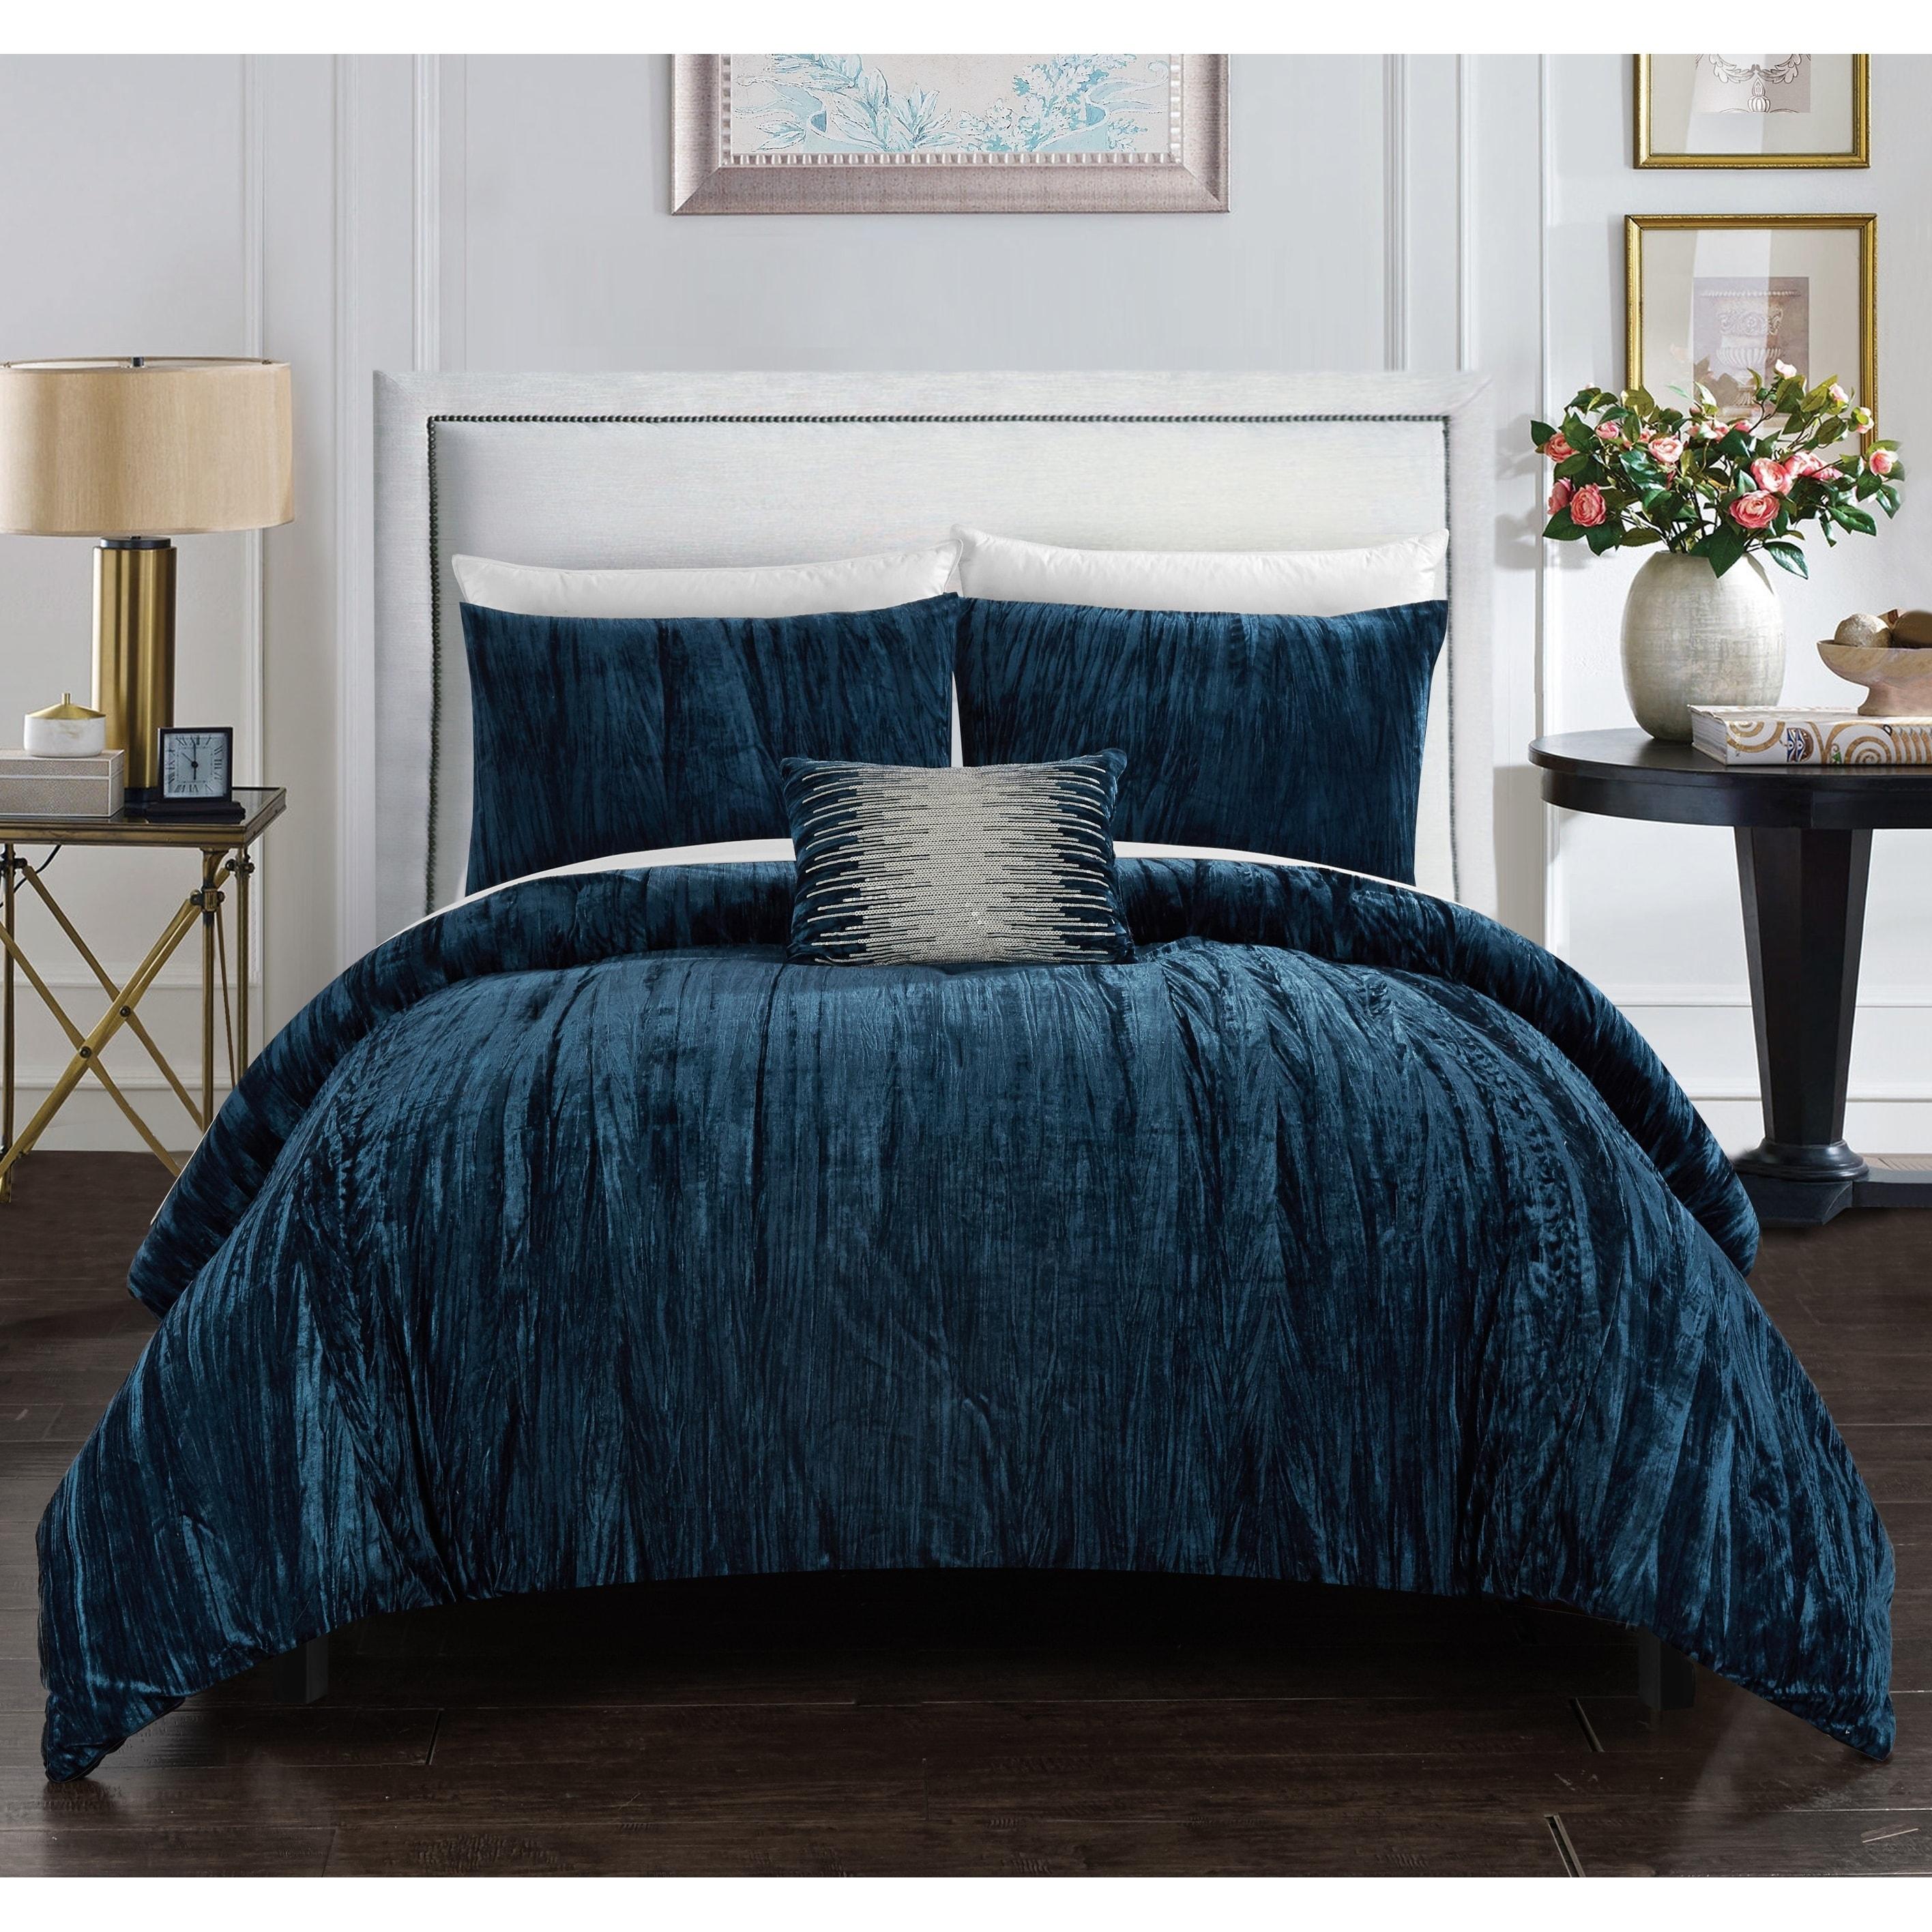 shop chic home kerk 4 piece comforter set crinkle crushed velvet bedding free shipping today overstockcom 23561620 - Velvet Bedding